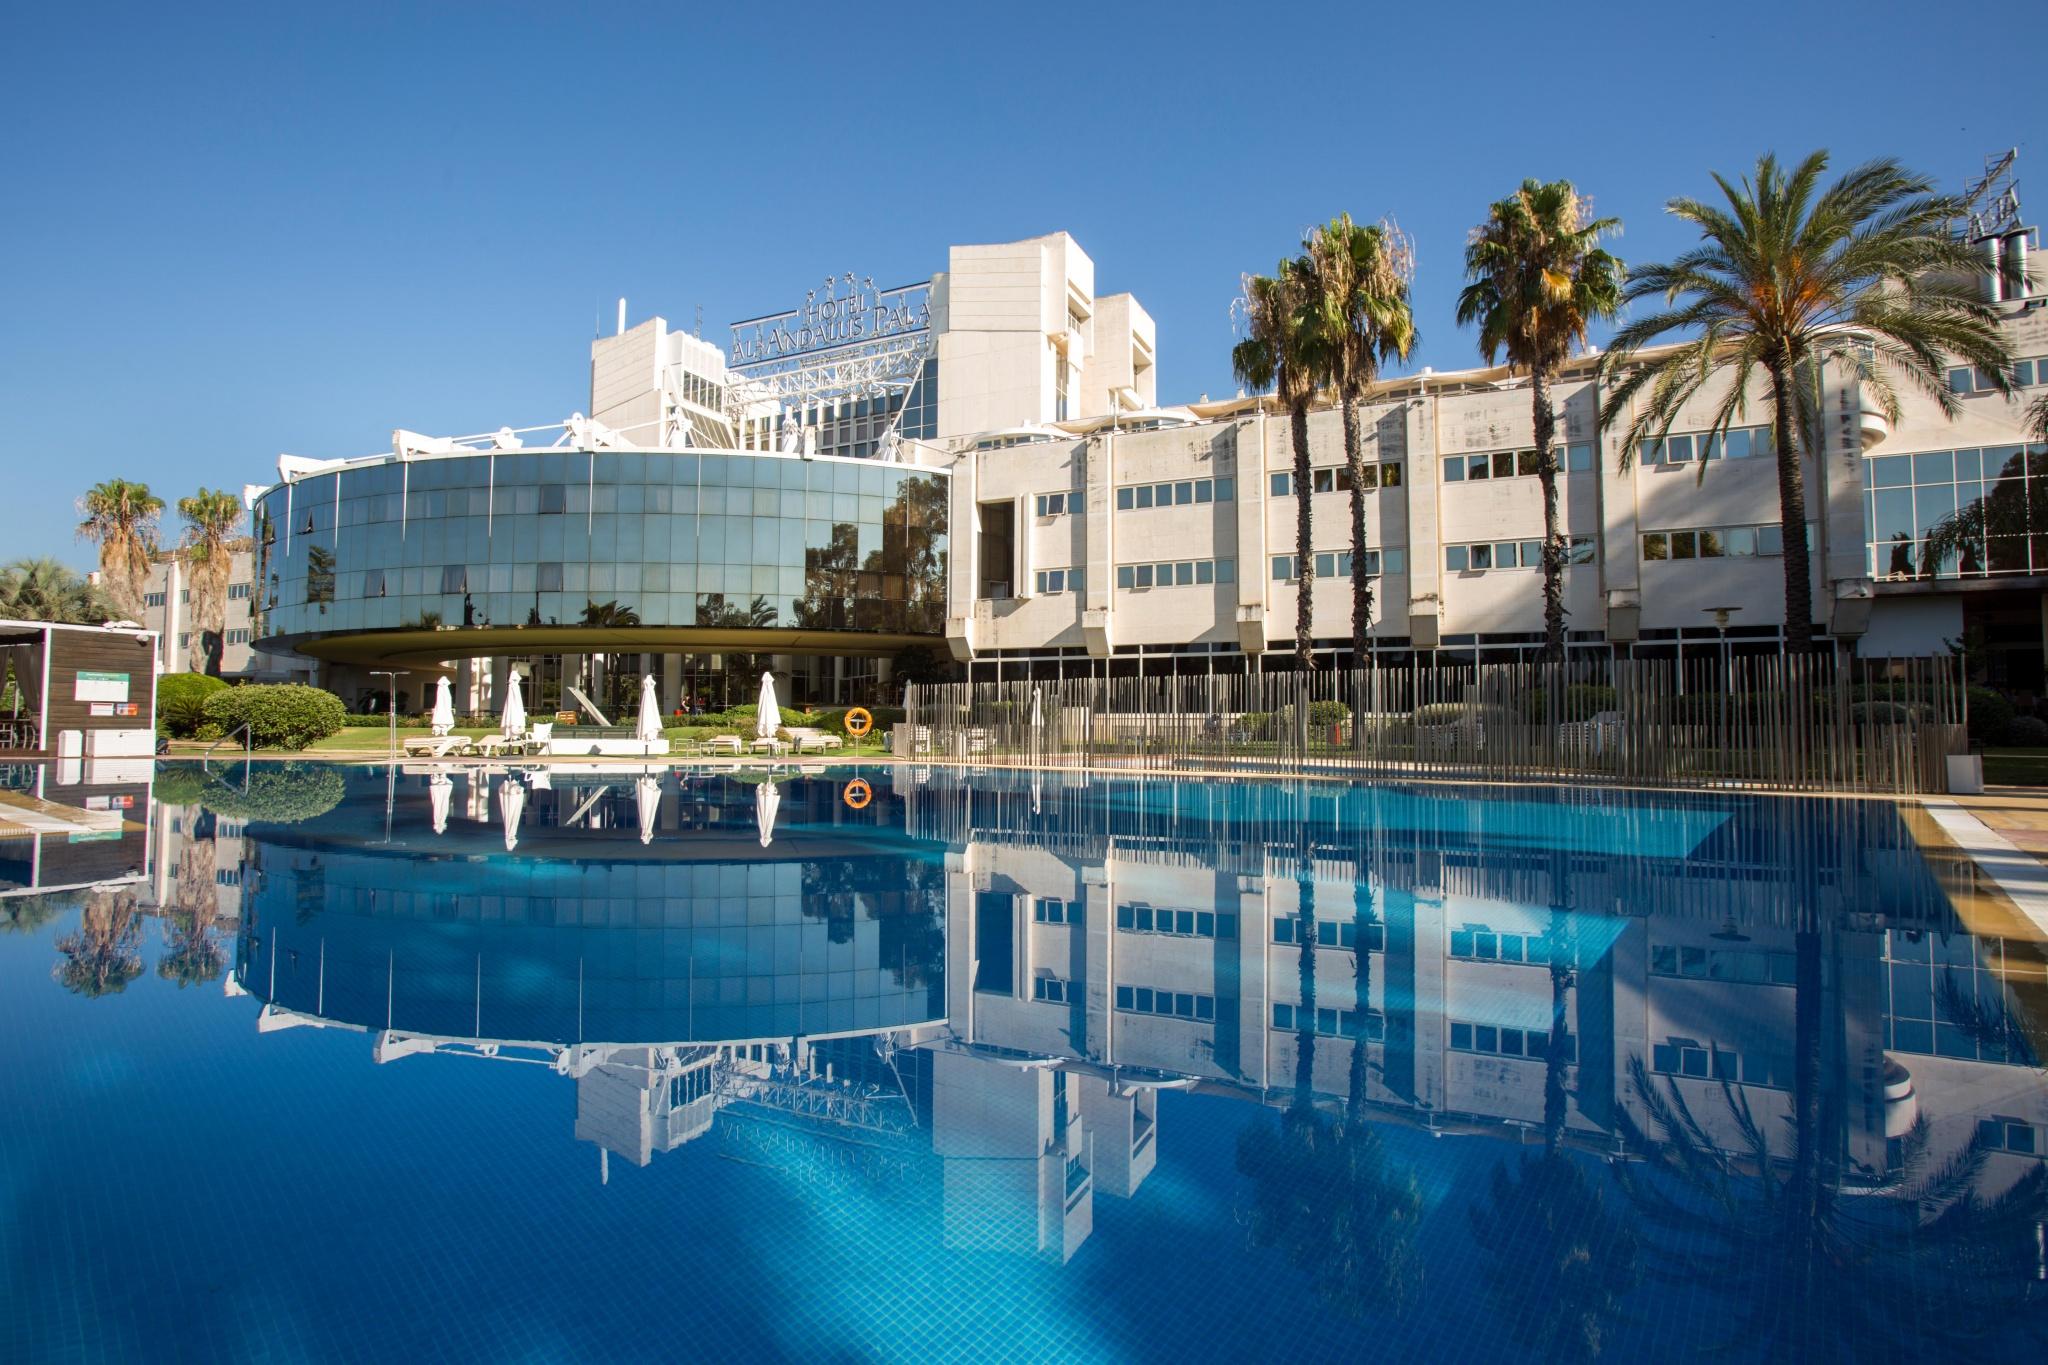 alandalus-servicios-piscina-img-0143b571